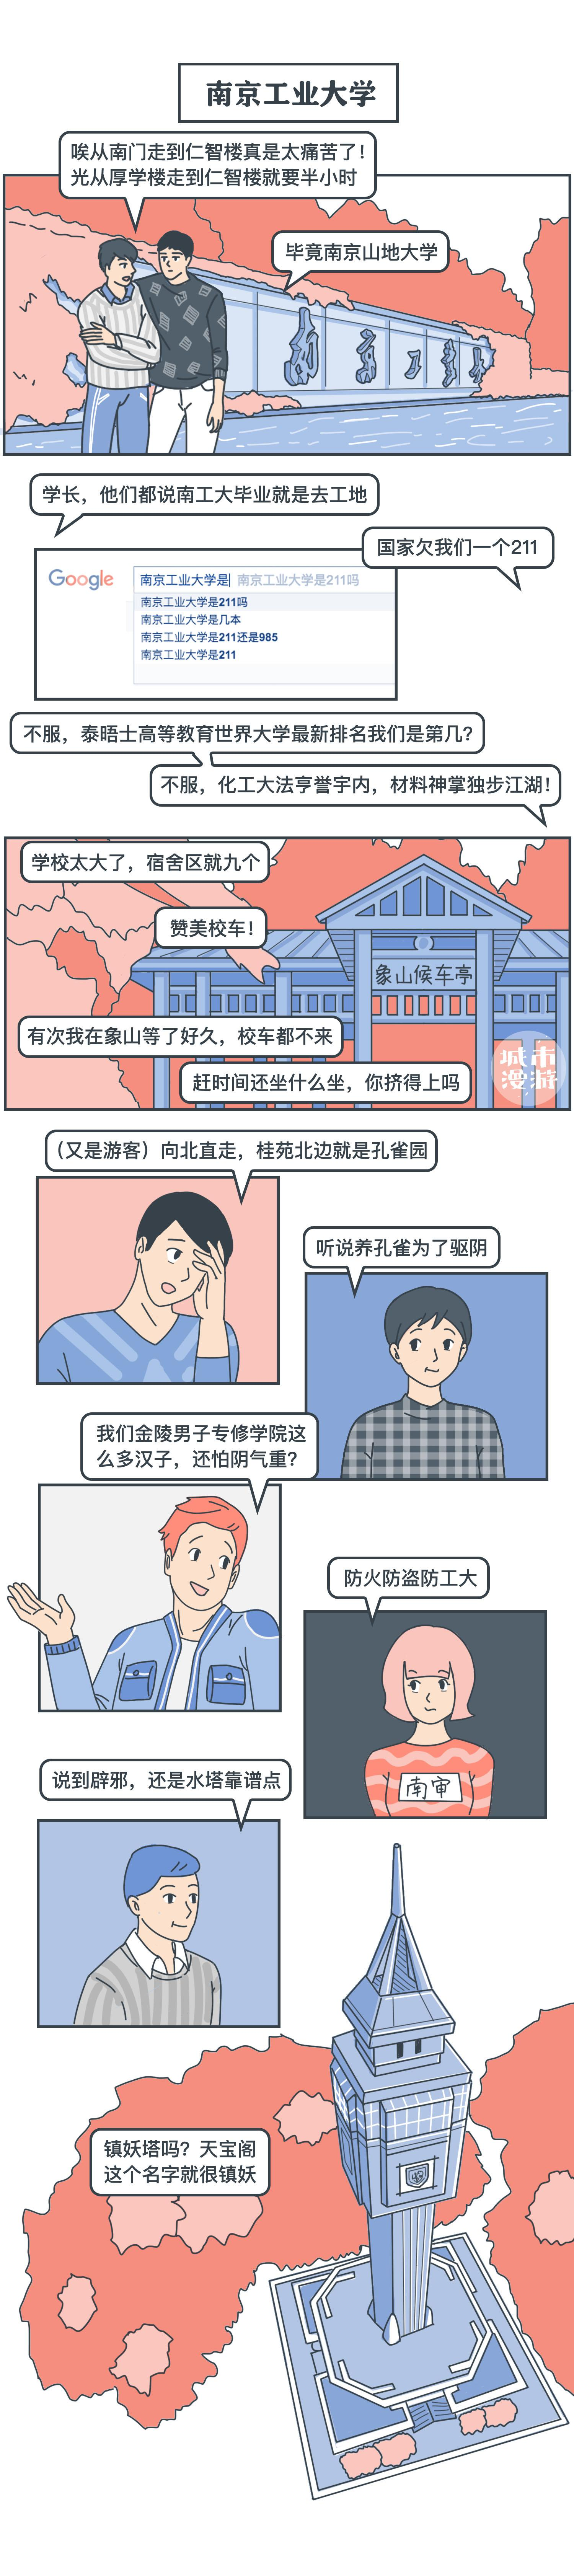 南京高校歧视指南,这些梗对上就是自己人